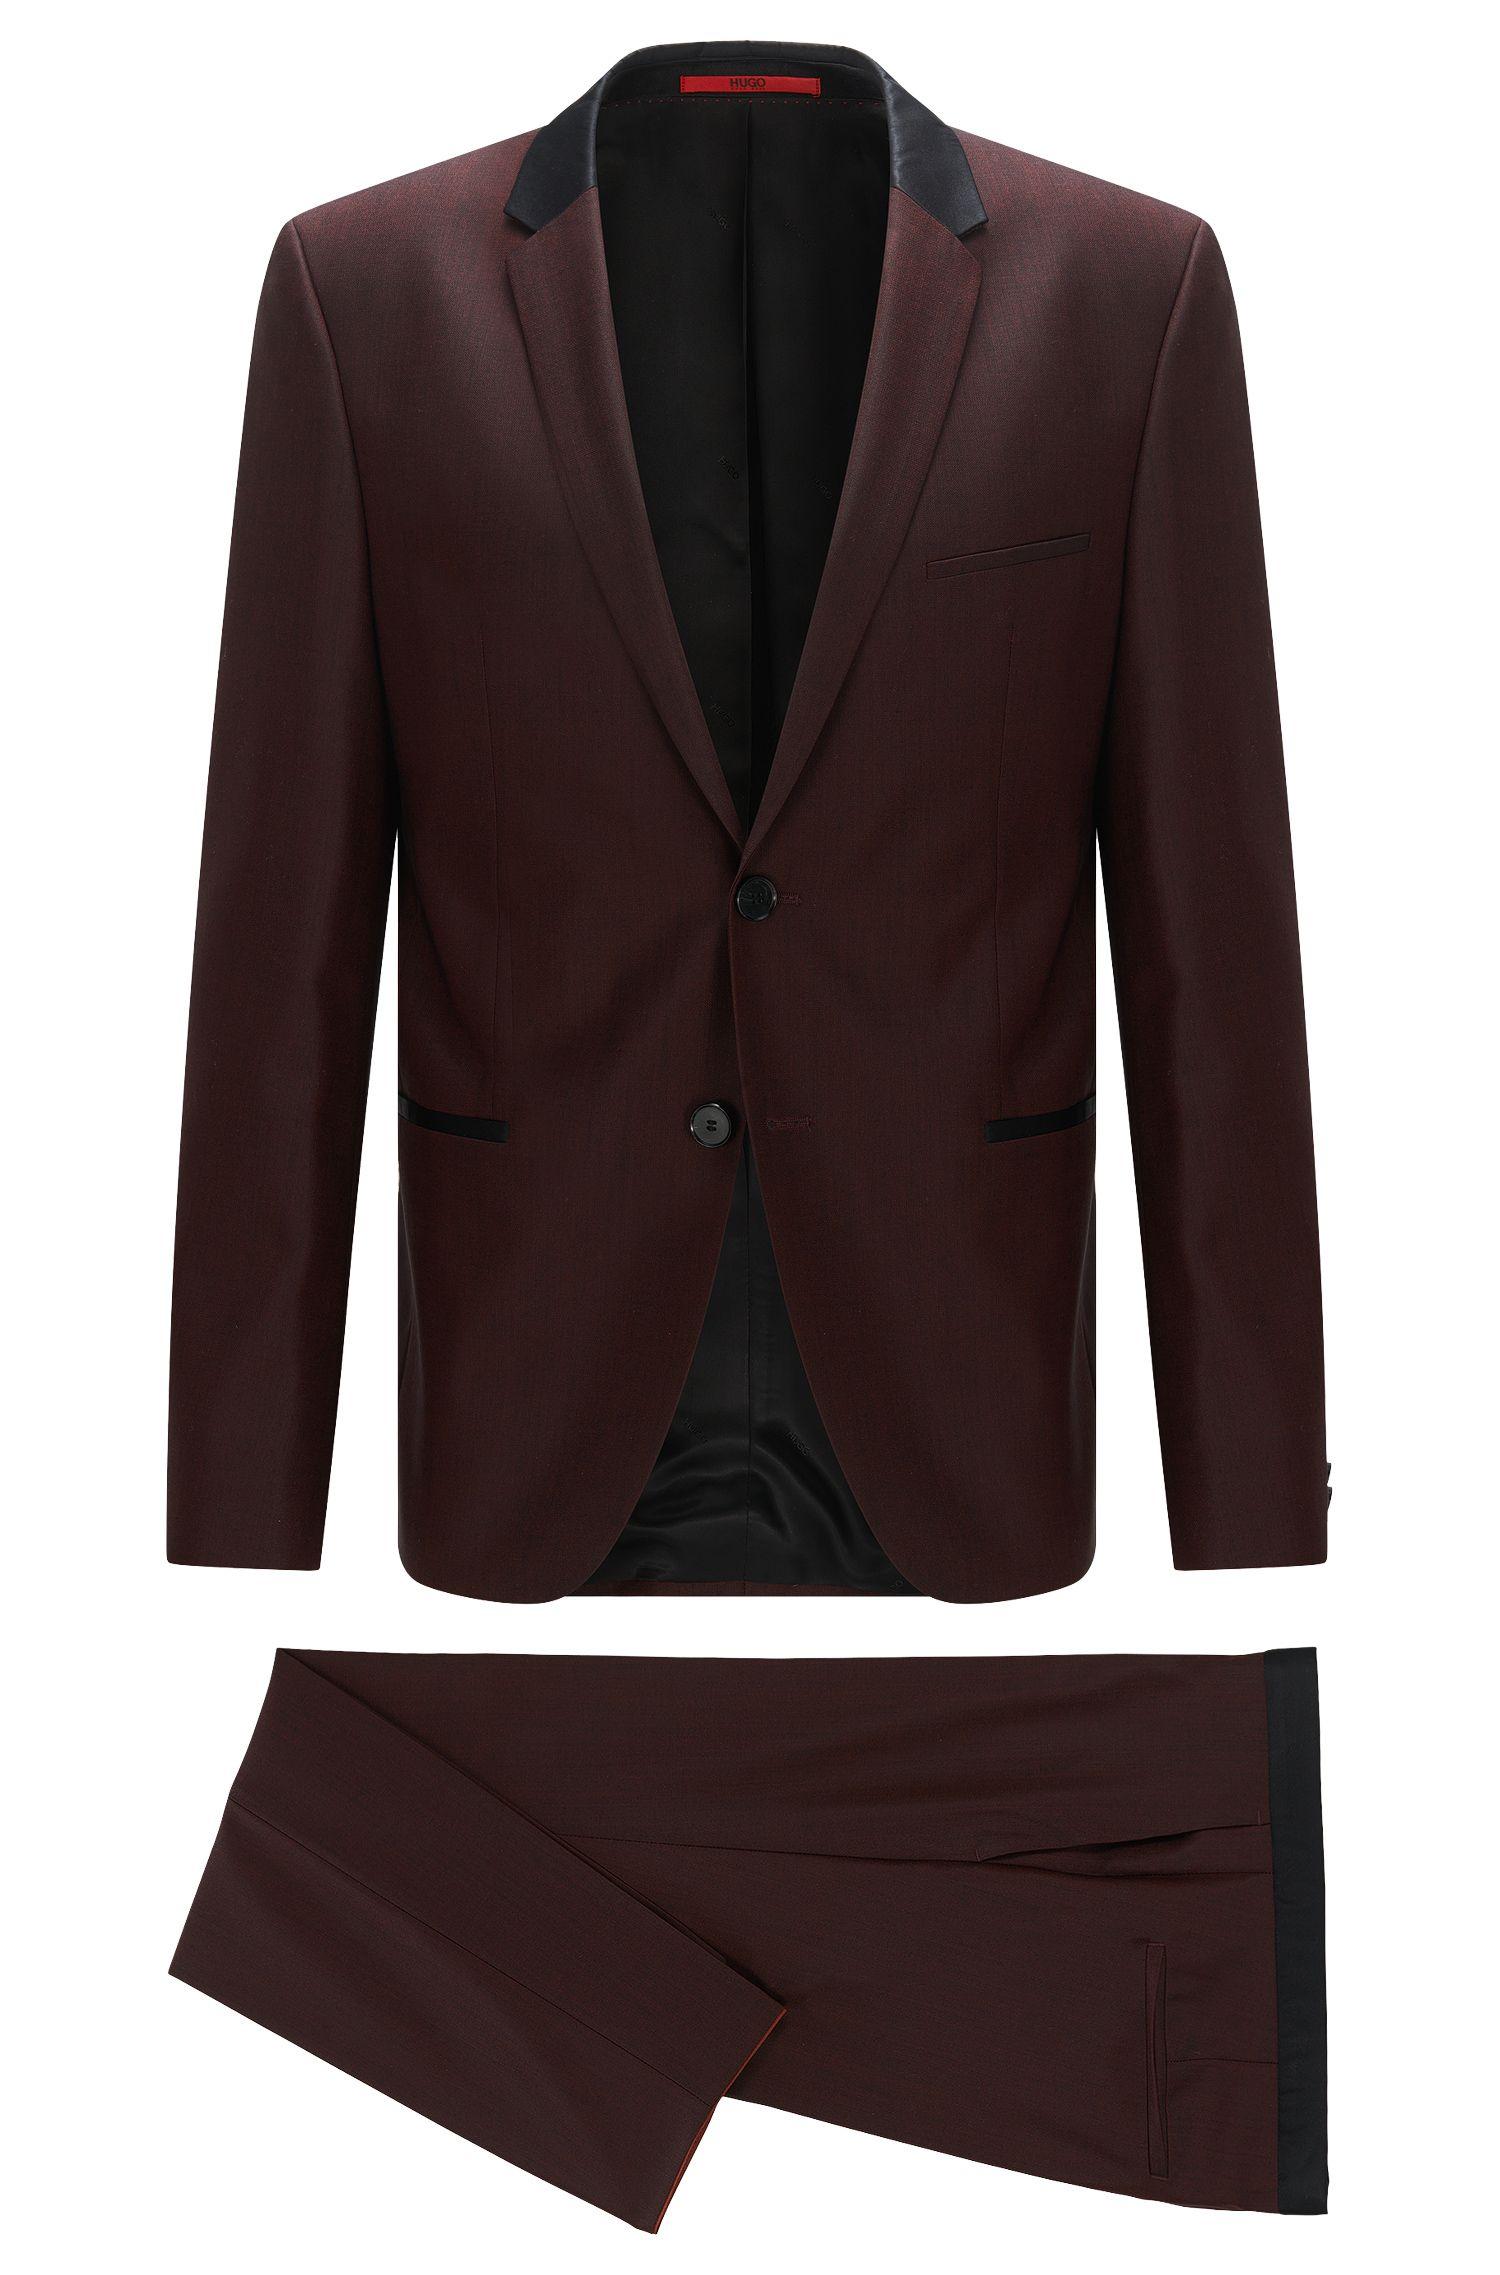 Costume Slim Fit orné de détails en soie contrastants